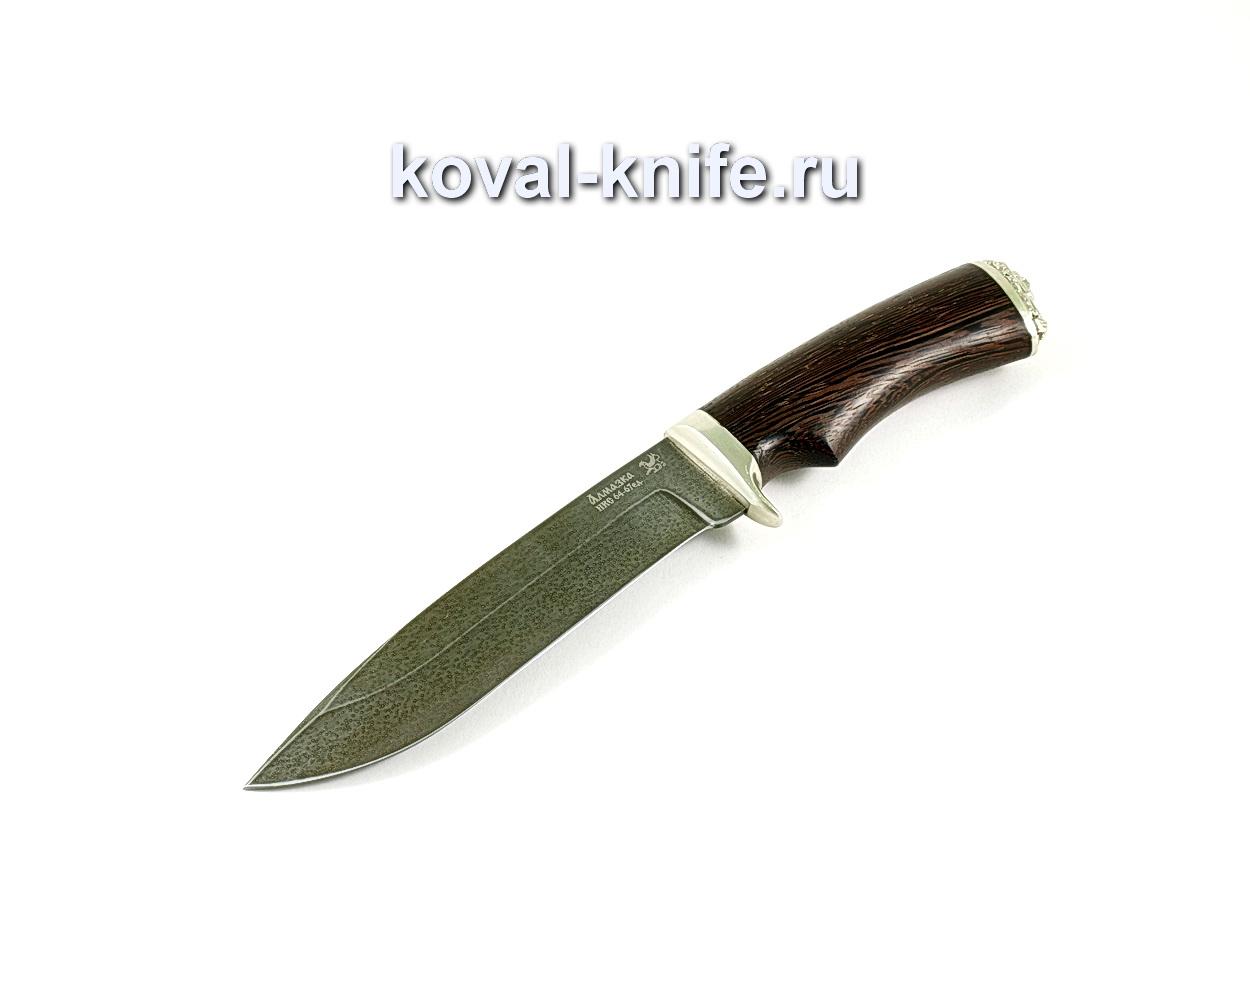 Нож Олимп (сталь ХВ5-алмазка), рукоять венге, литье A290